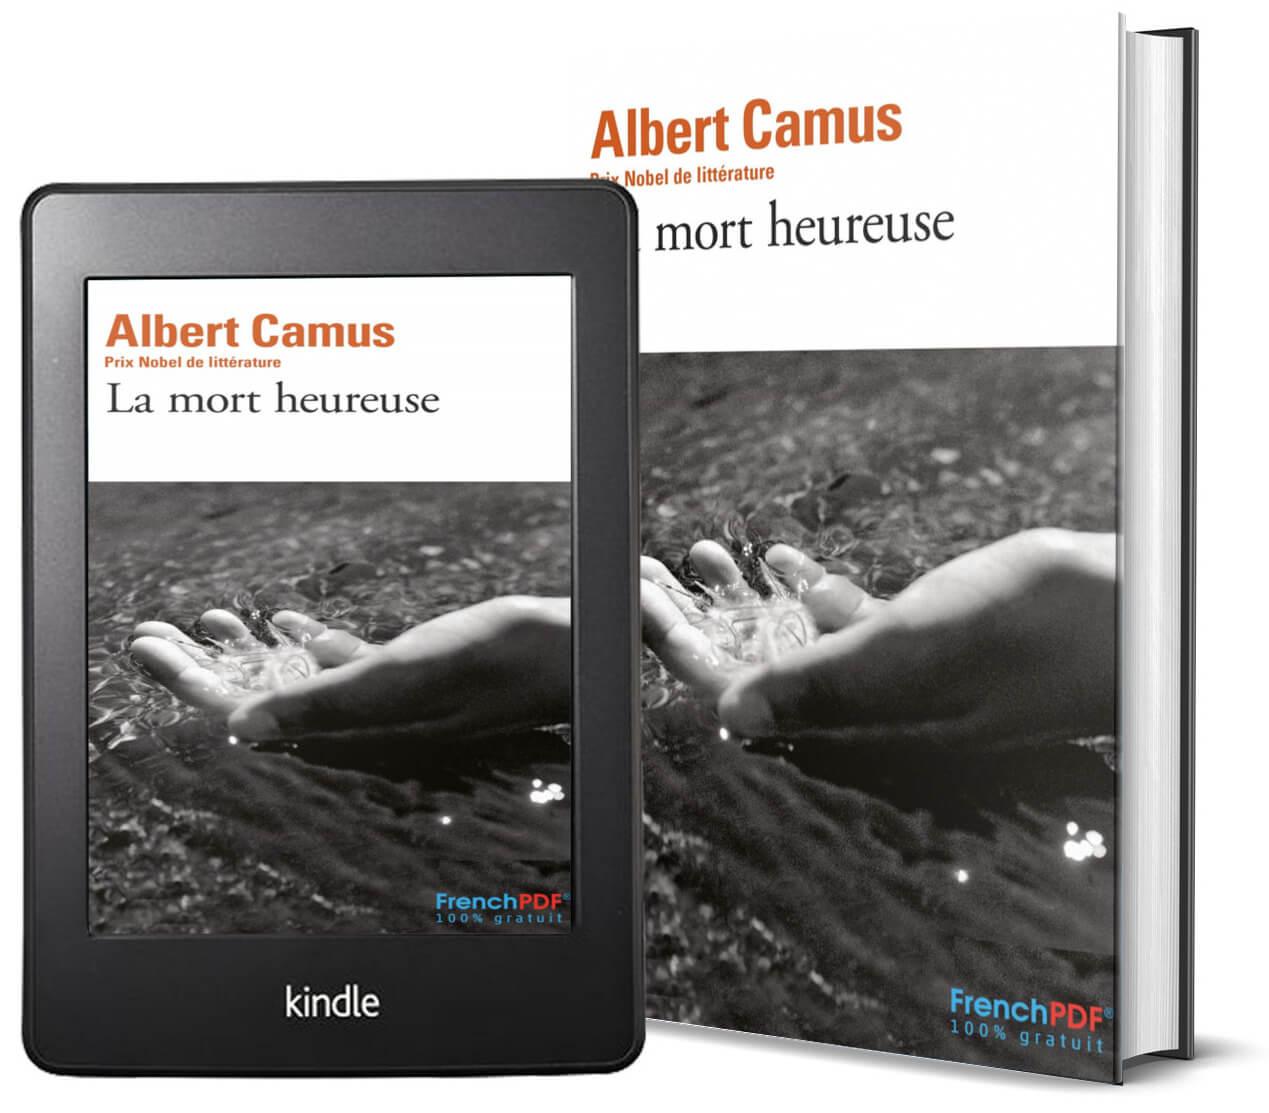 Les livres d'Albert Camus PDF et EPUB 2019 3